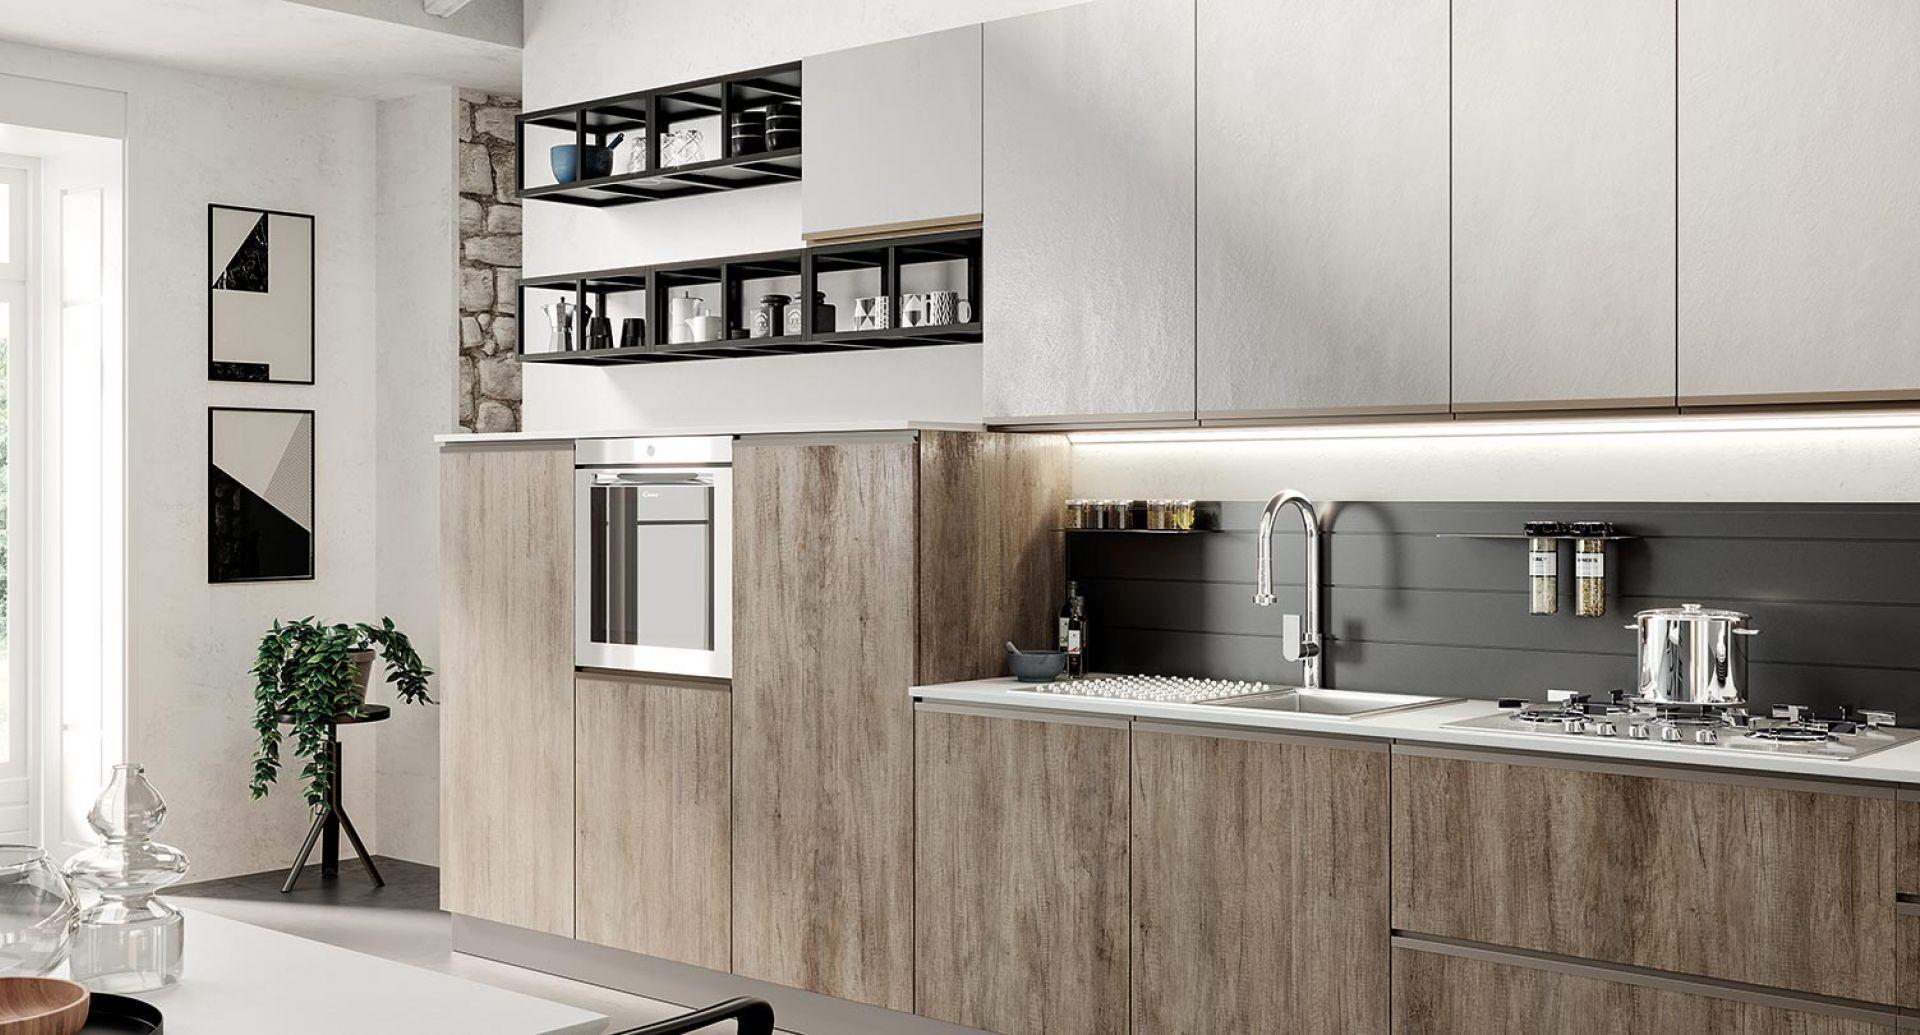 cucina moderna maia cemento grigio legno naturale 01